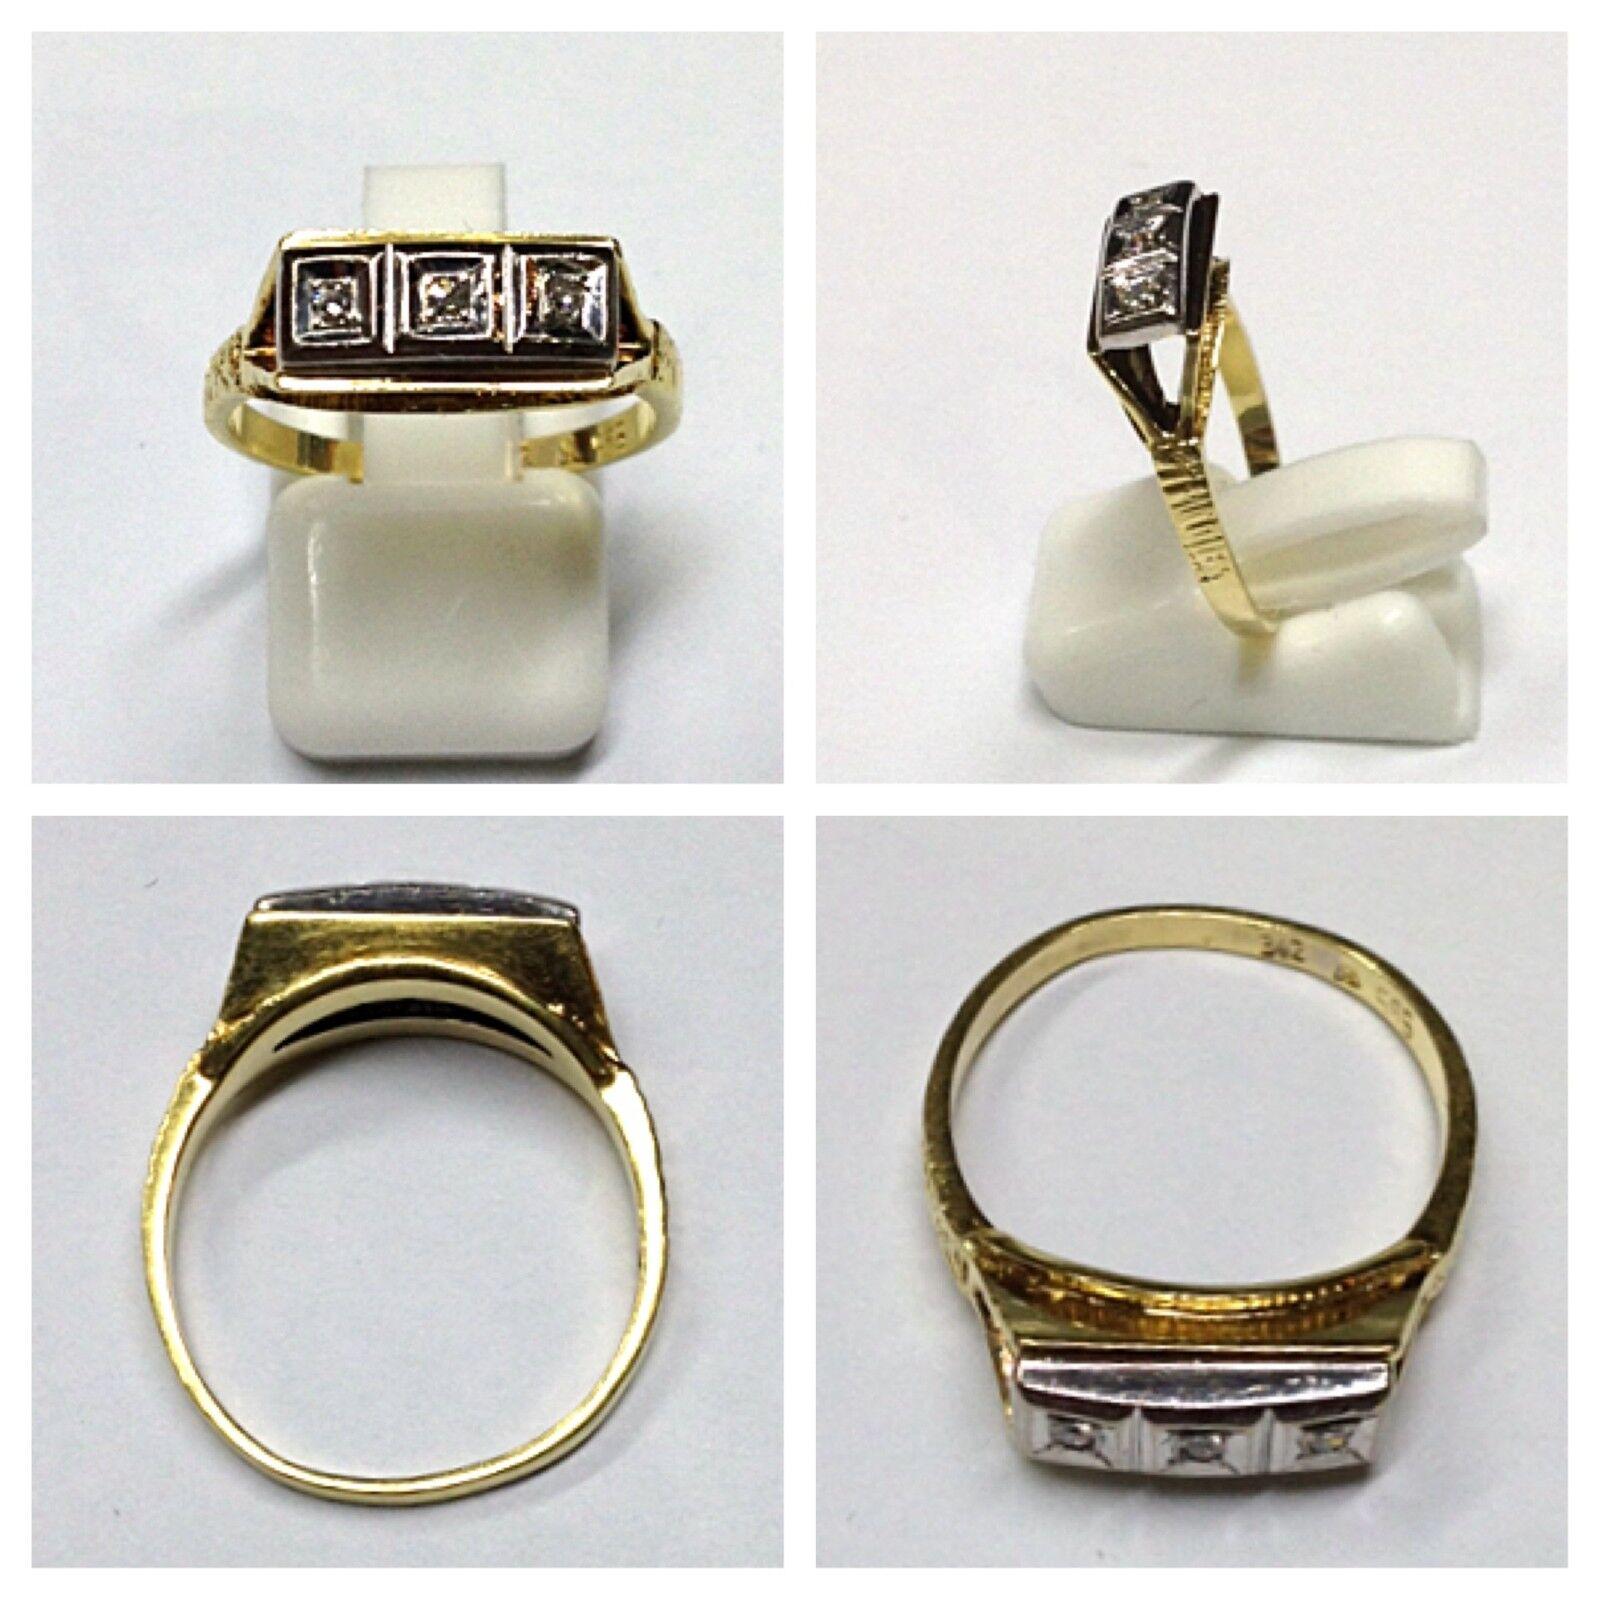 Brillantenring Ring 585er gold mit Brillanten goldring 0,09 Ct 54 (17,2 mm Ø)